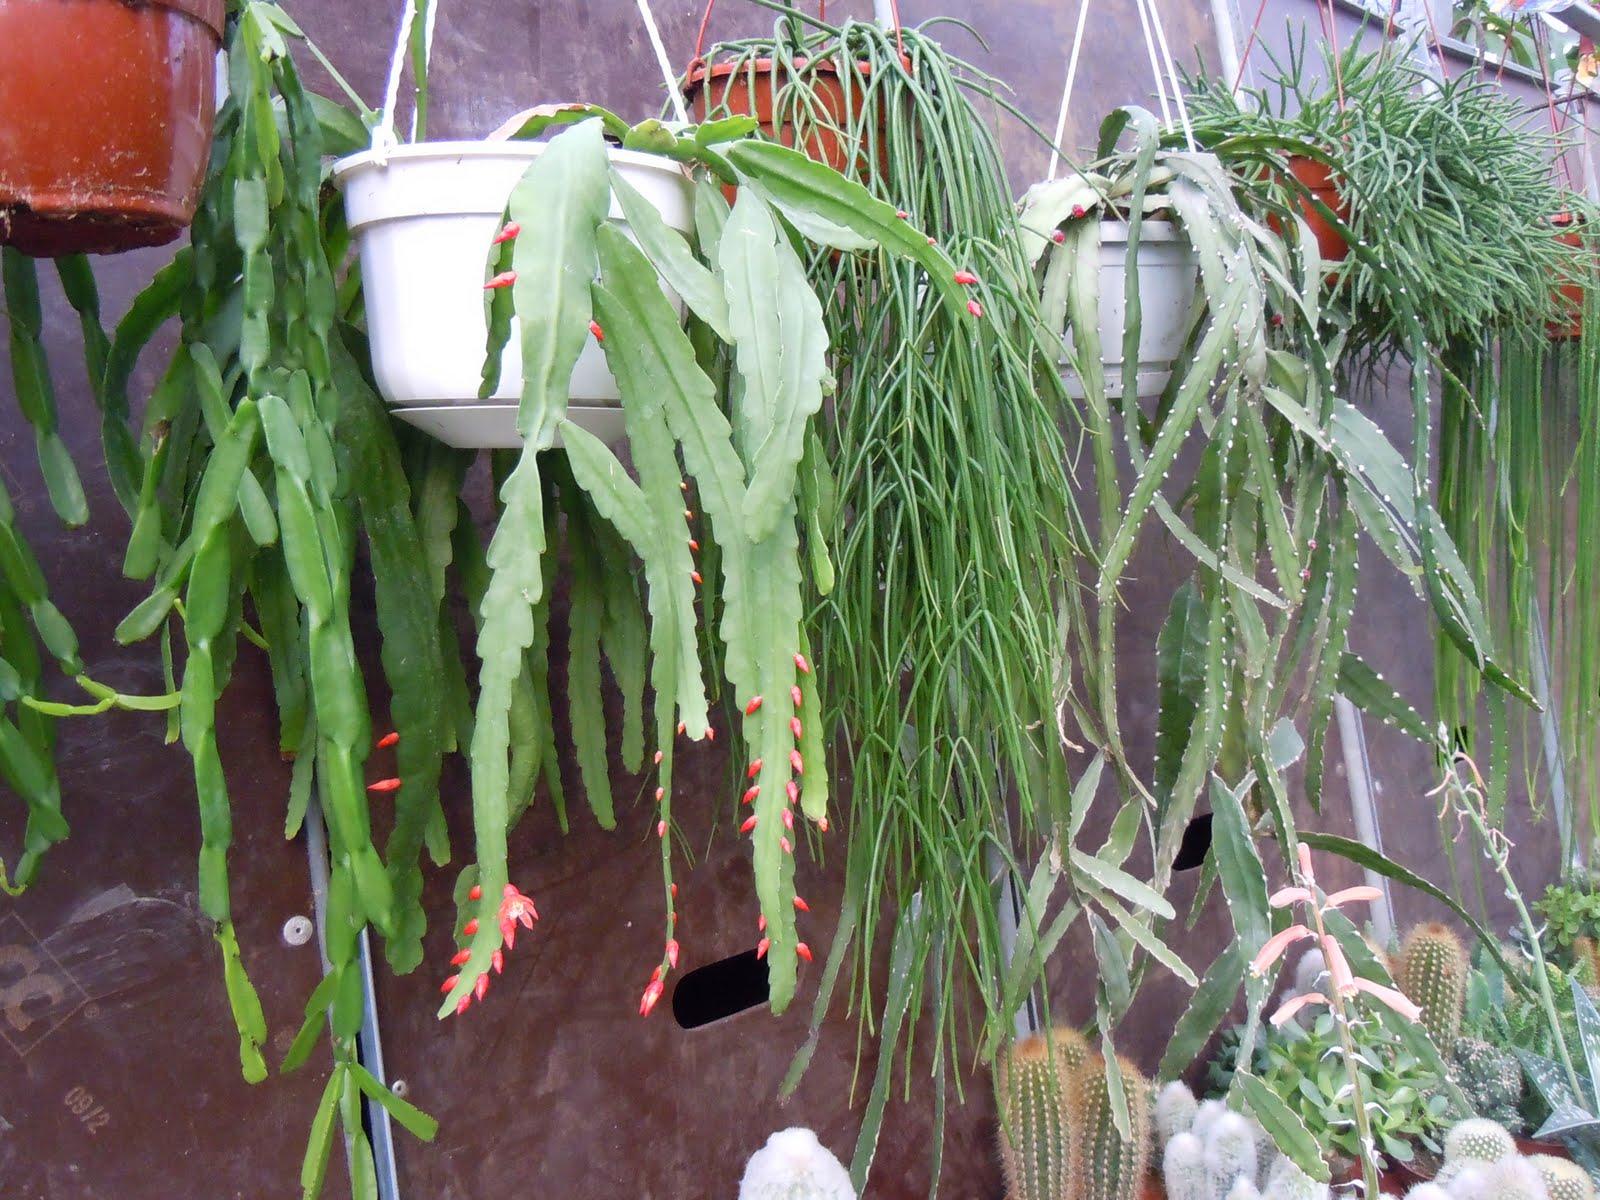 parte de las plantas colgantes, la mayoría llenas de capullos